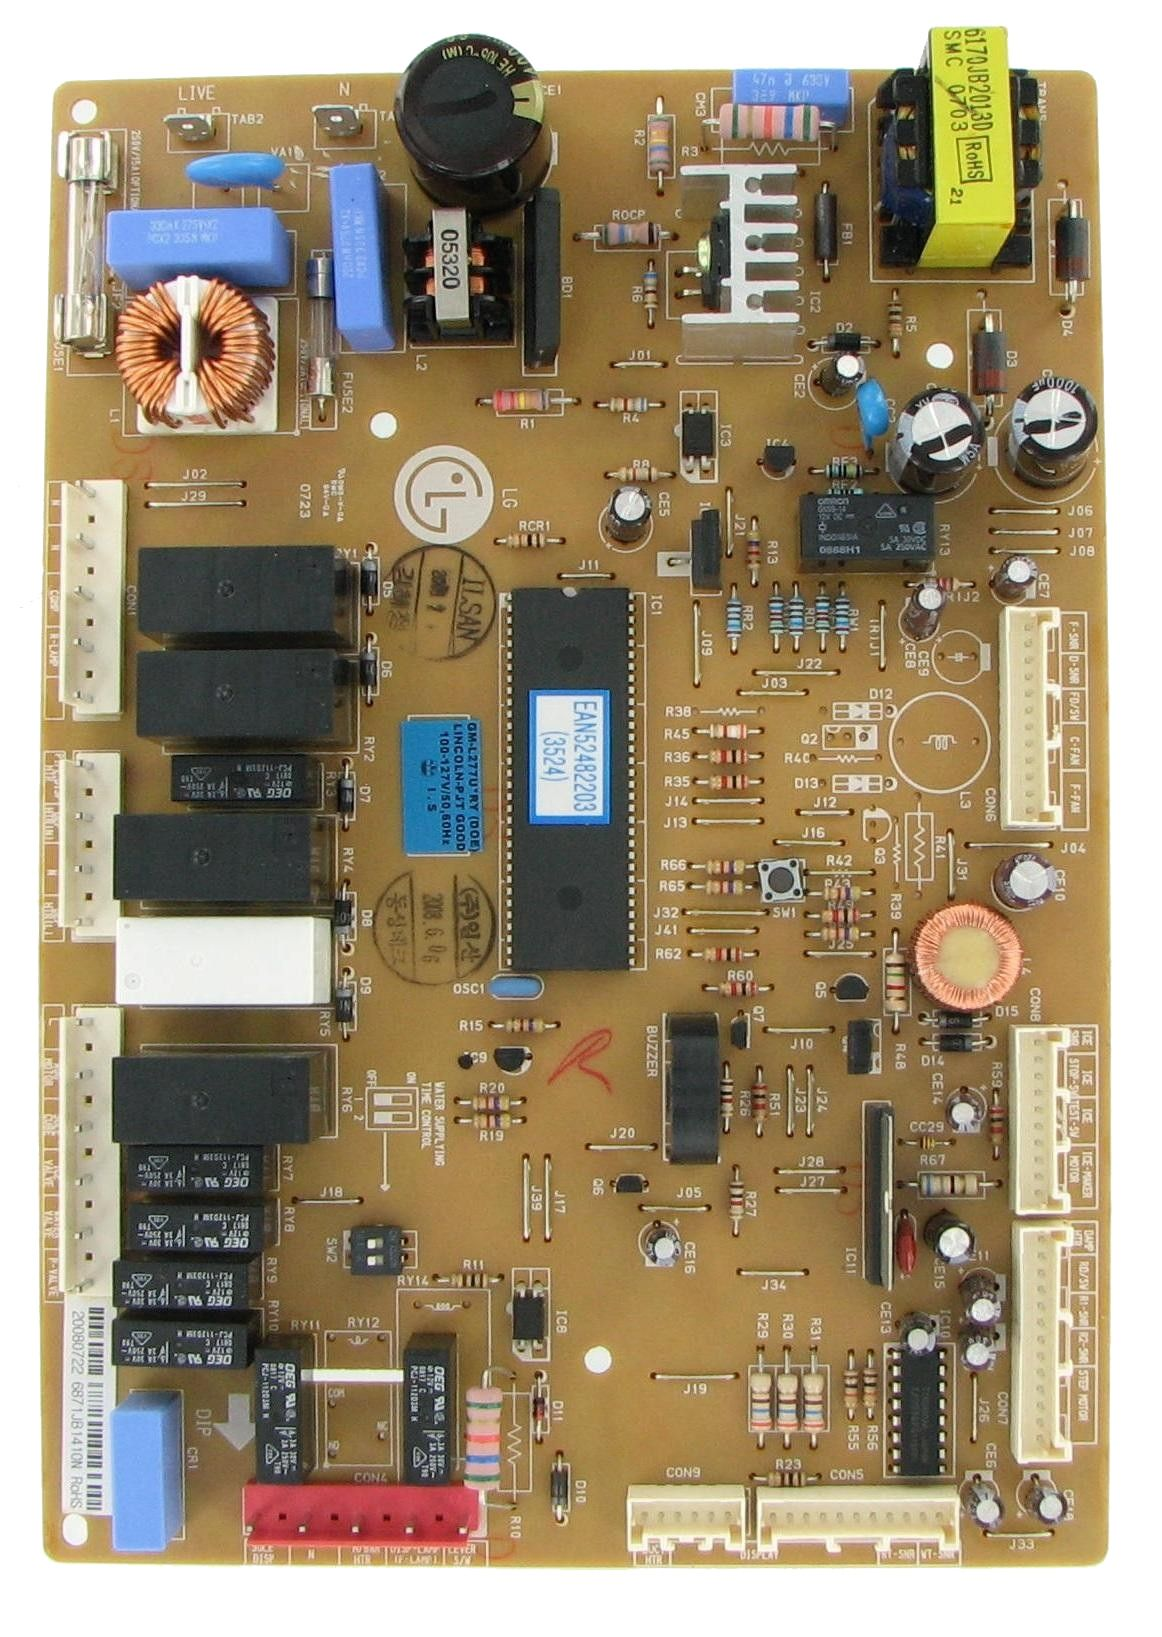 LG 6871JB1410N Refrigeration Electronic Control Board